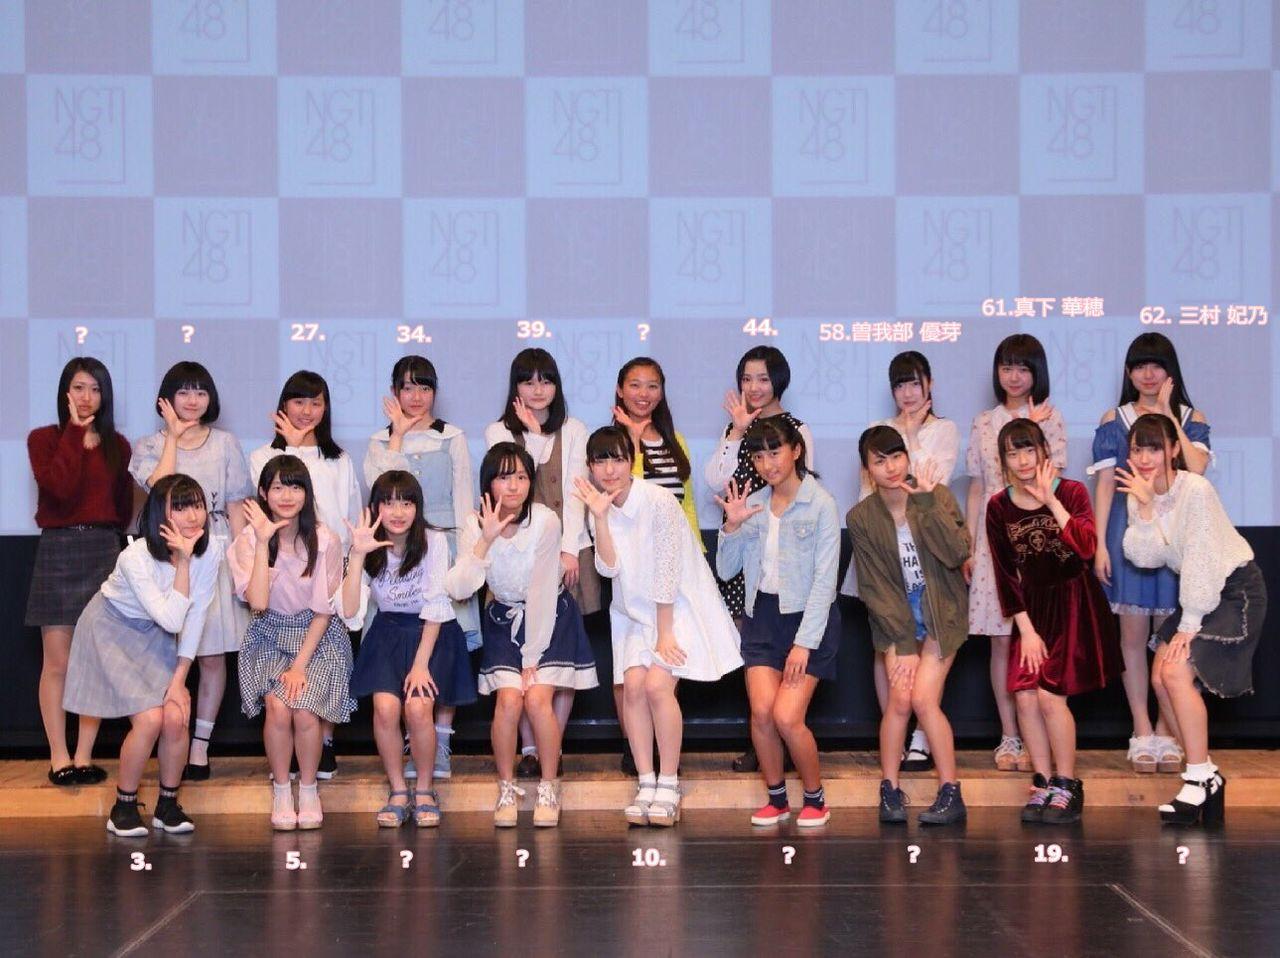 【インスタ流出】NGT48 2期生本日公演でお披露目する模様wwwwww